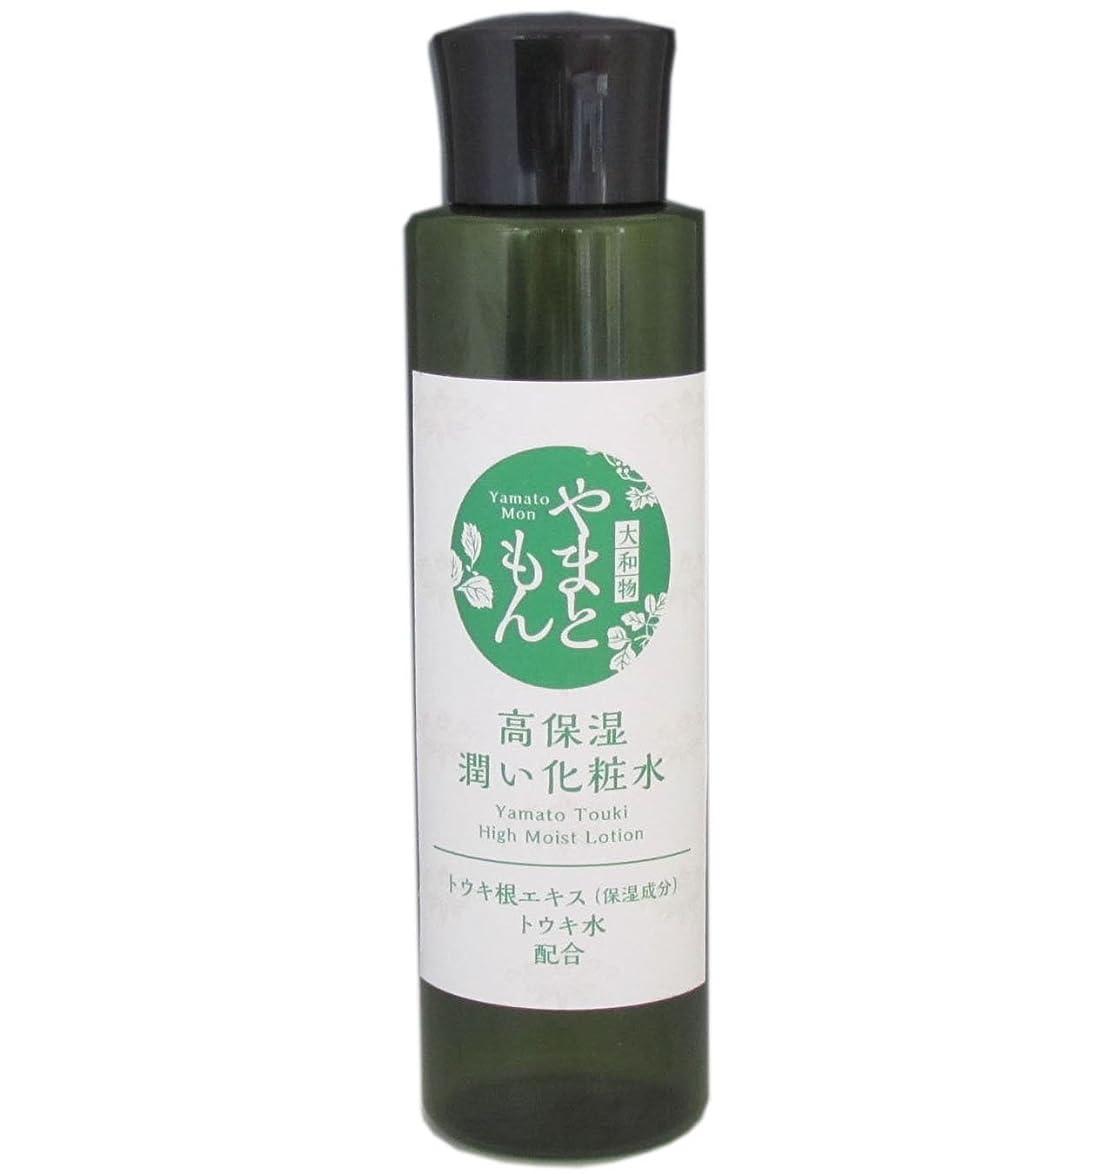 閃光憂鬱な指令奈良産和漢生薬エキス使用やまともん化粧品 当帰化粧水(とうきけしょうすい)